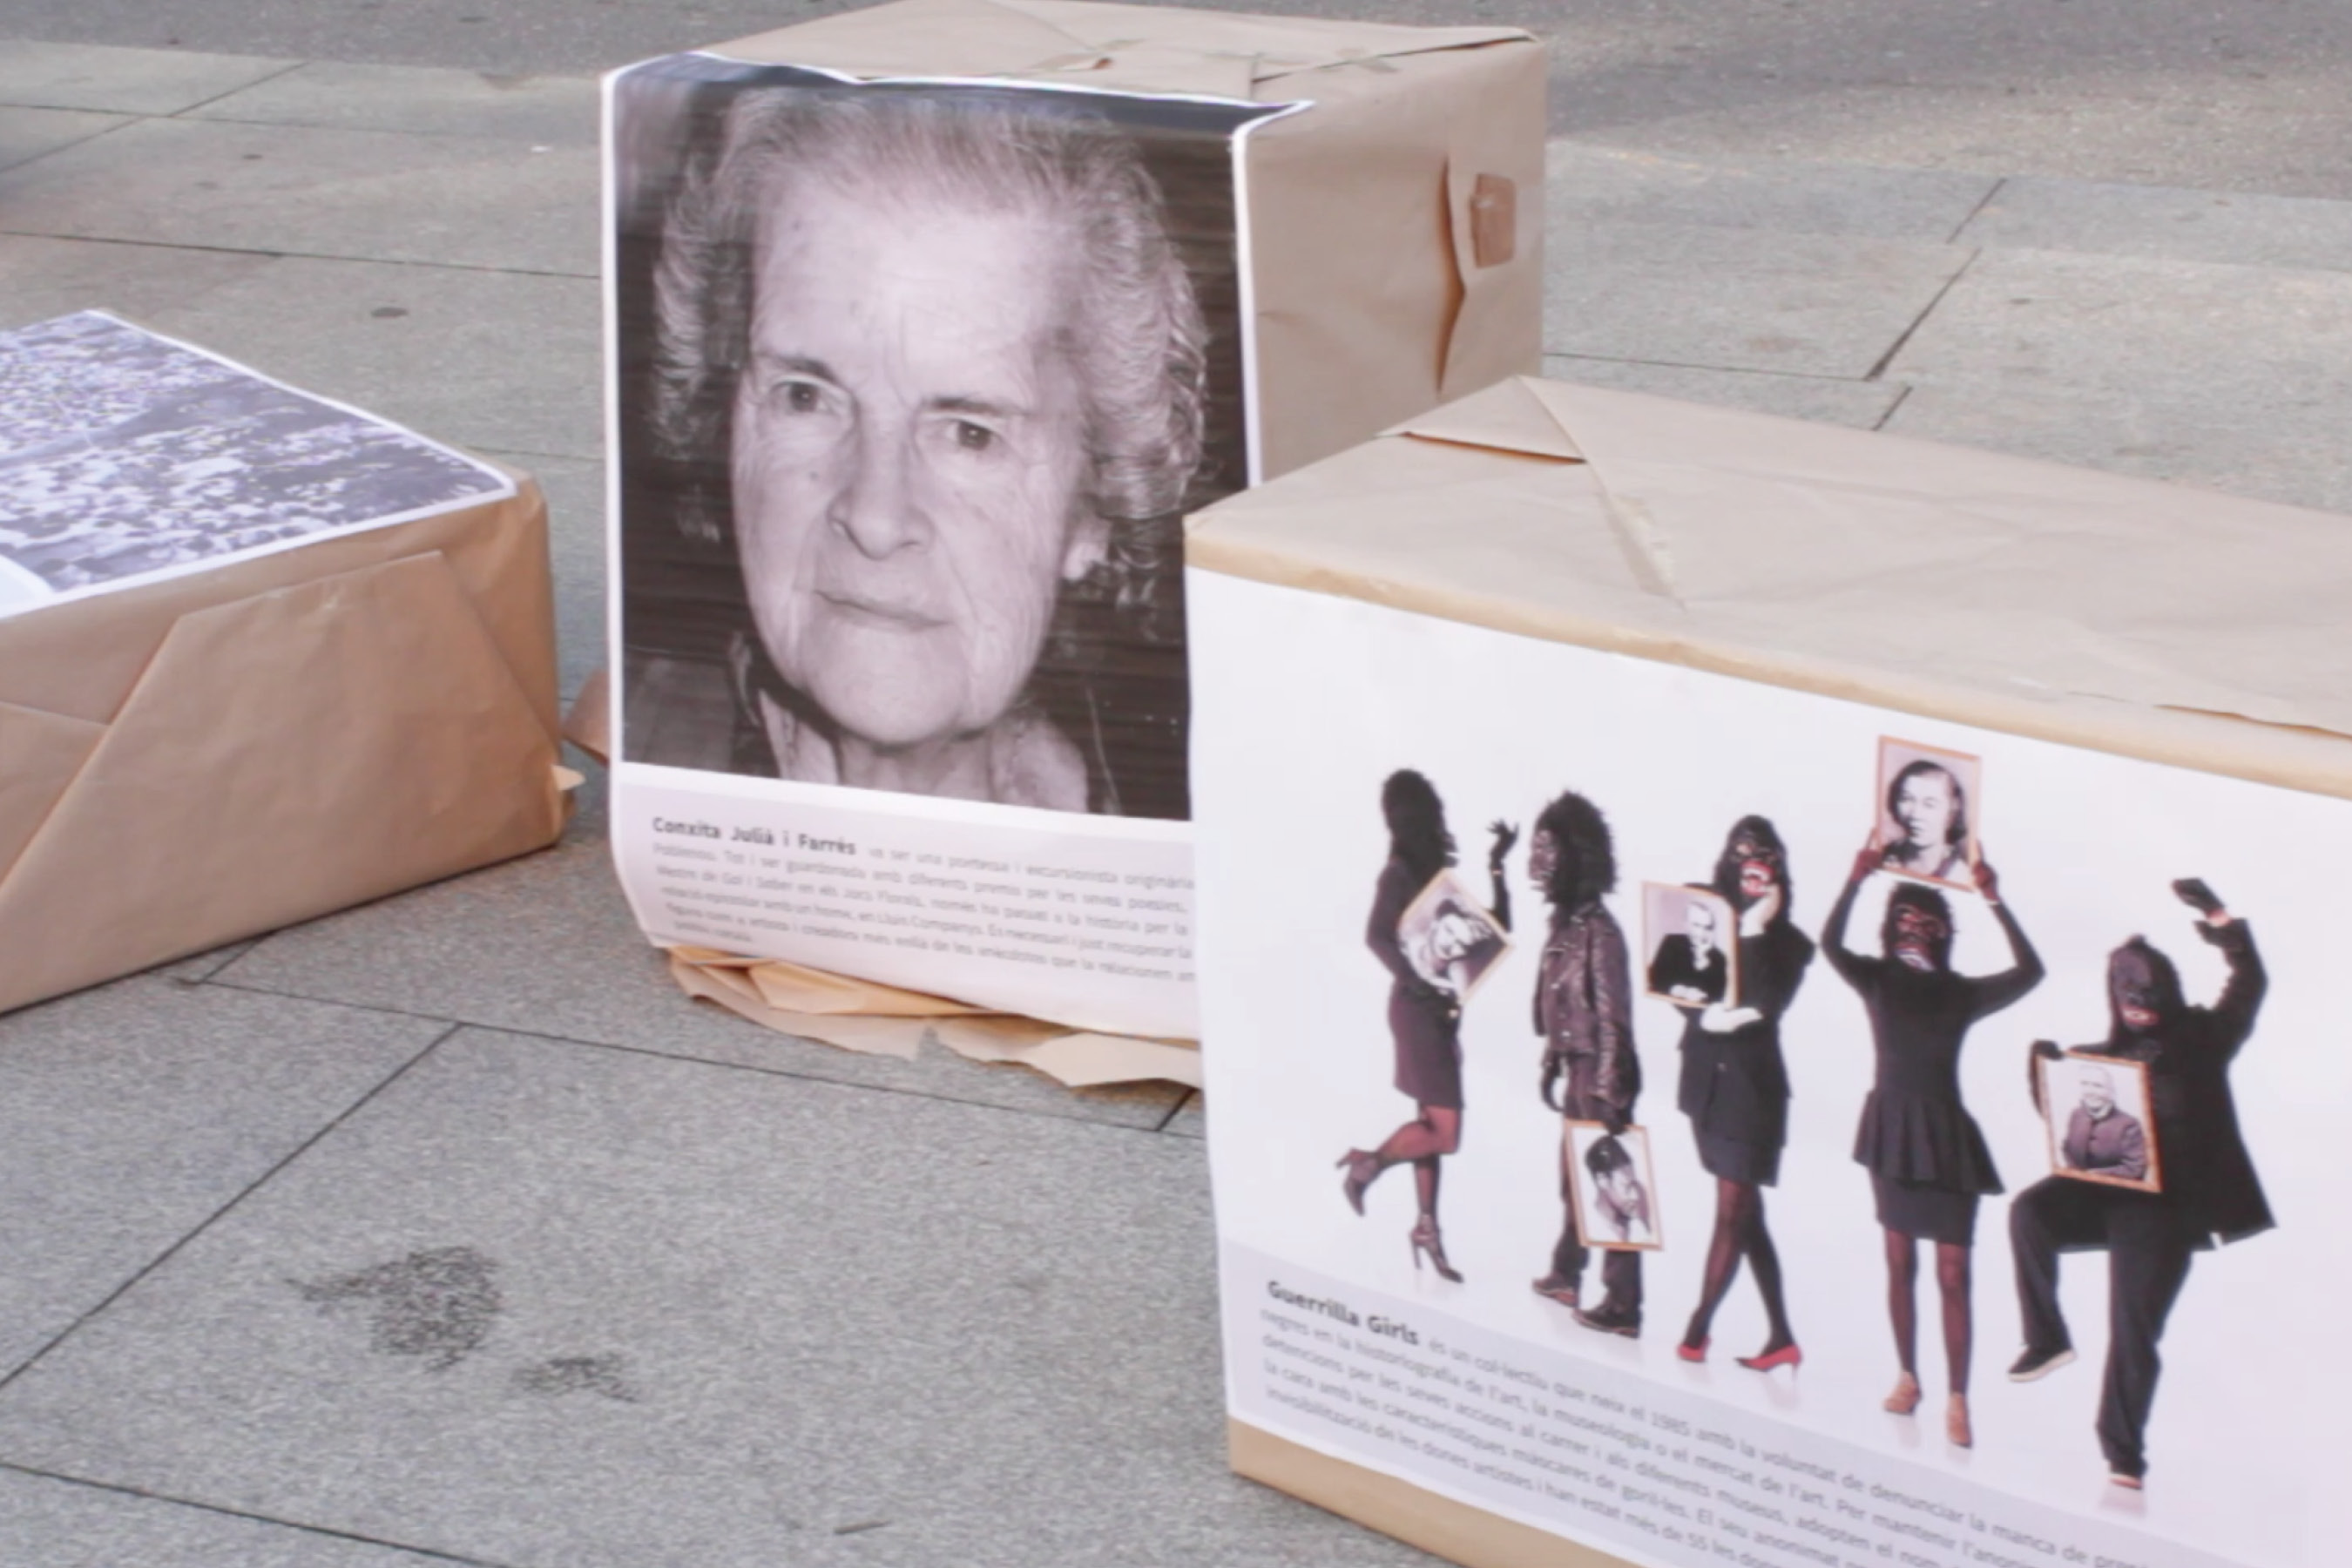 Alliberem el barri Les dones som subjecte 2